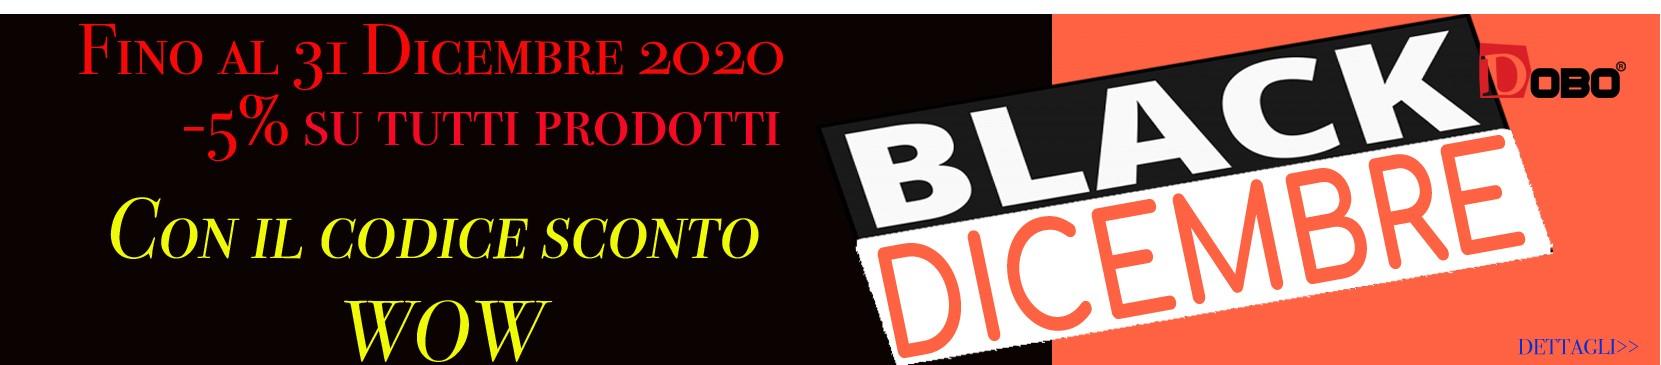 Black Dicembre di DOBO.it- Sconti e promo fino al 31 dicembre 2020